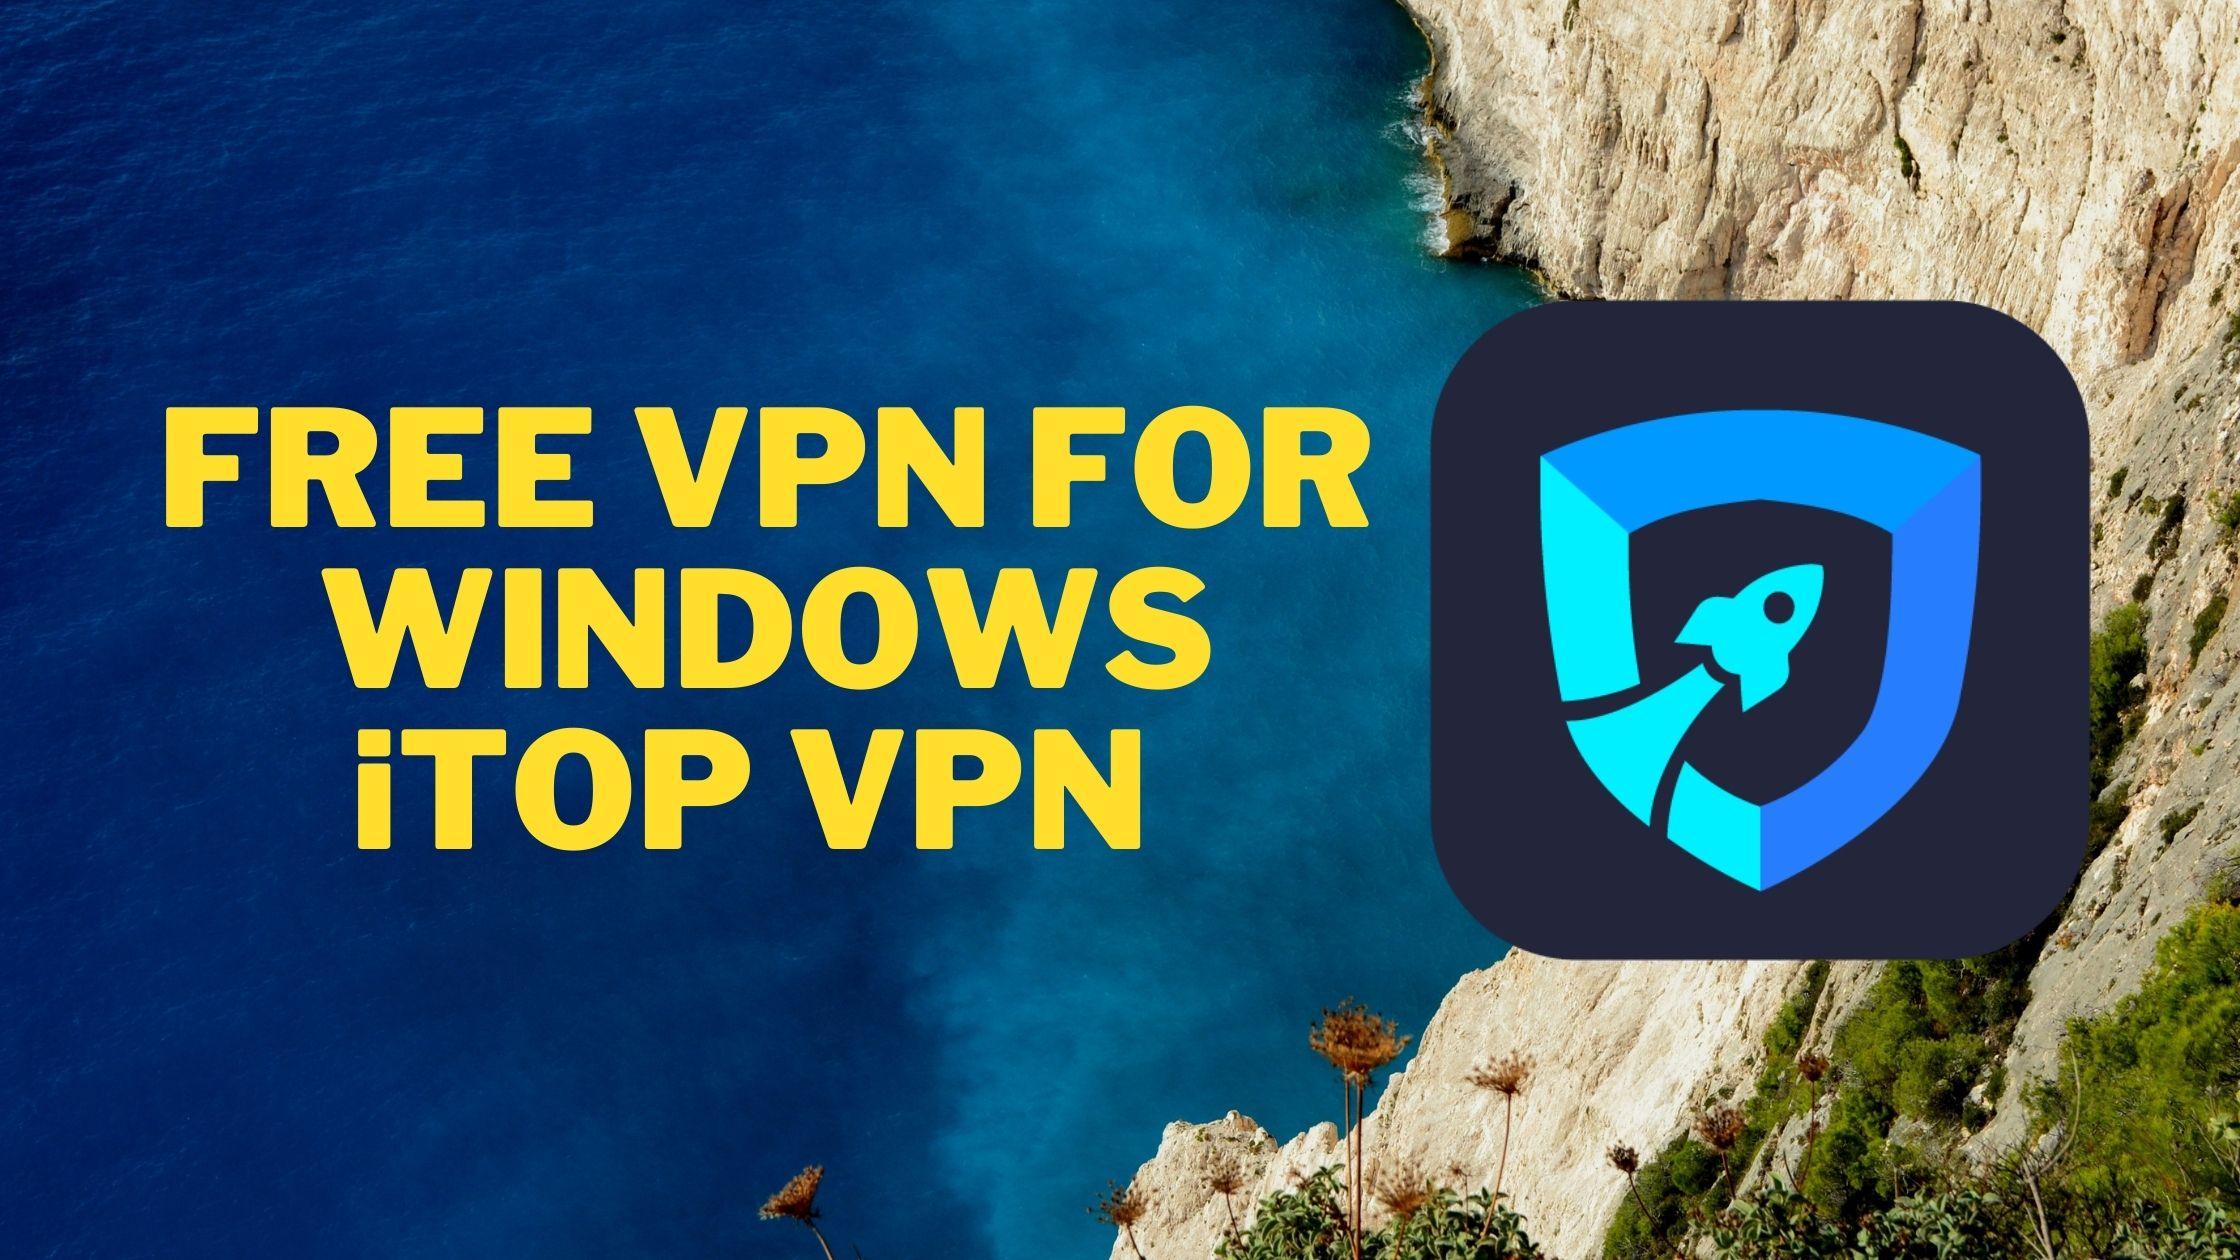 FREE VPN for windows-